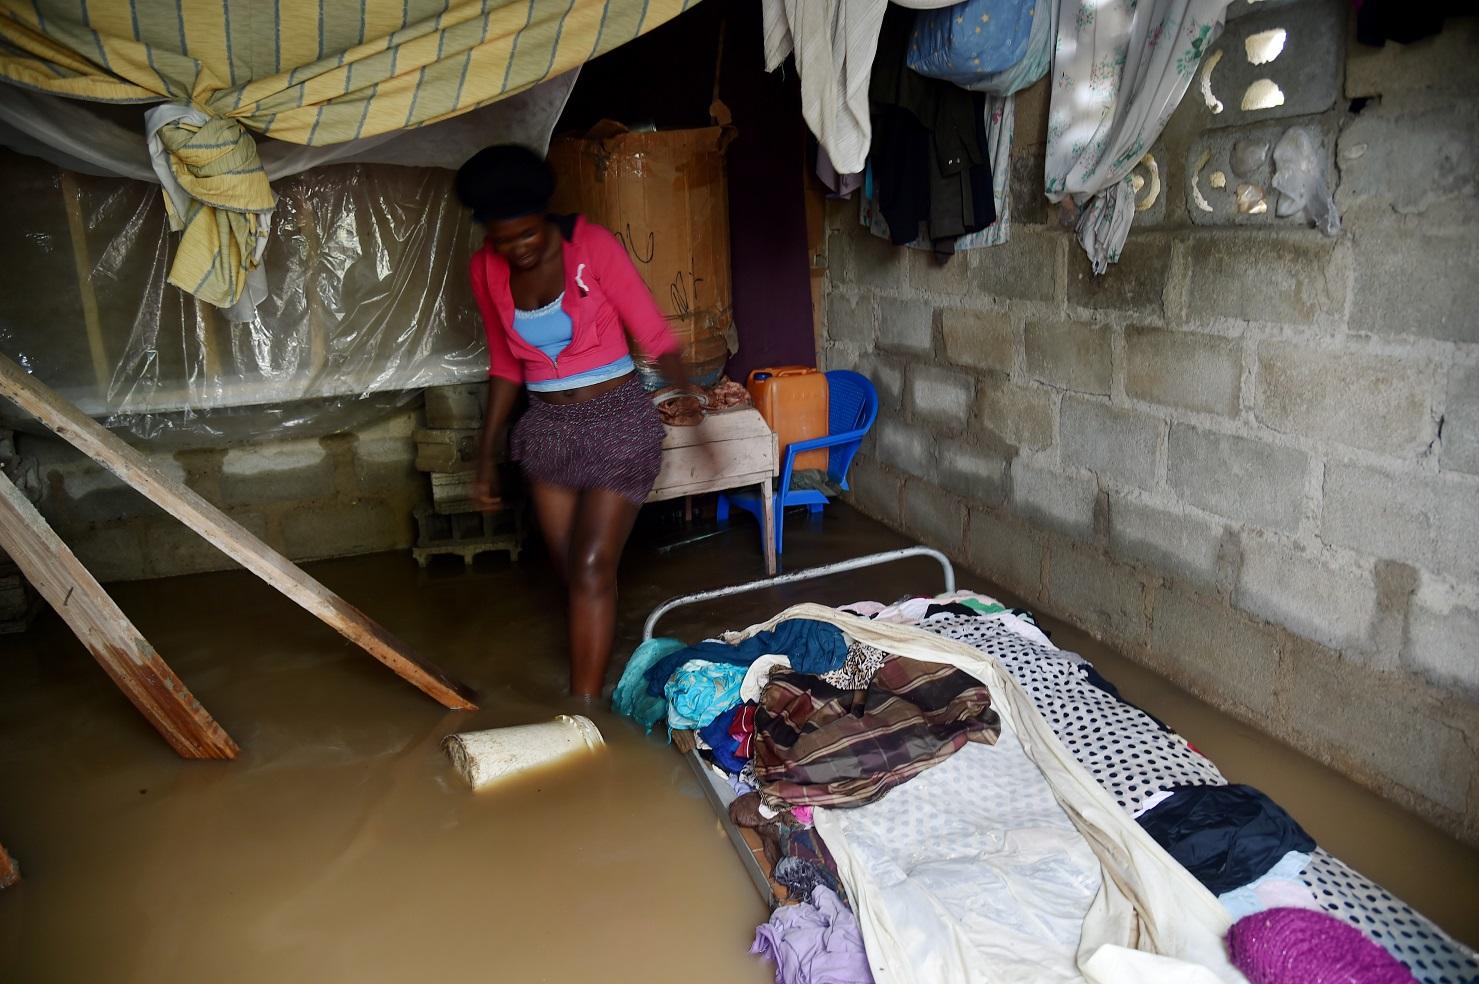 Marie Charlotte caminha dentro da sua casa, no Haiti, inundada pelo furacão Irma. Foto Hector Retamal/AFP